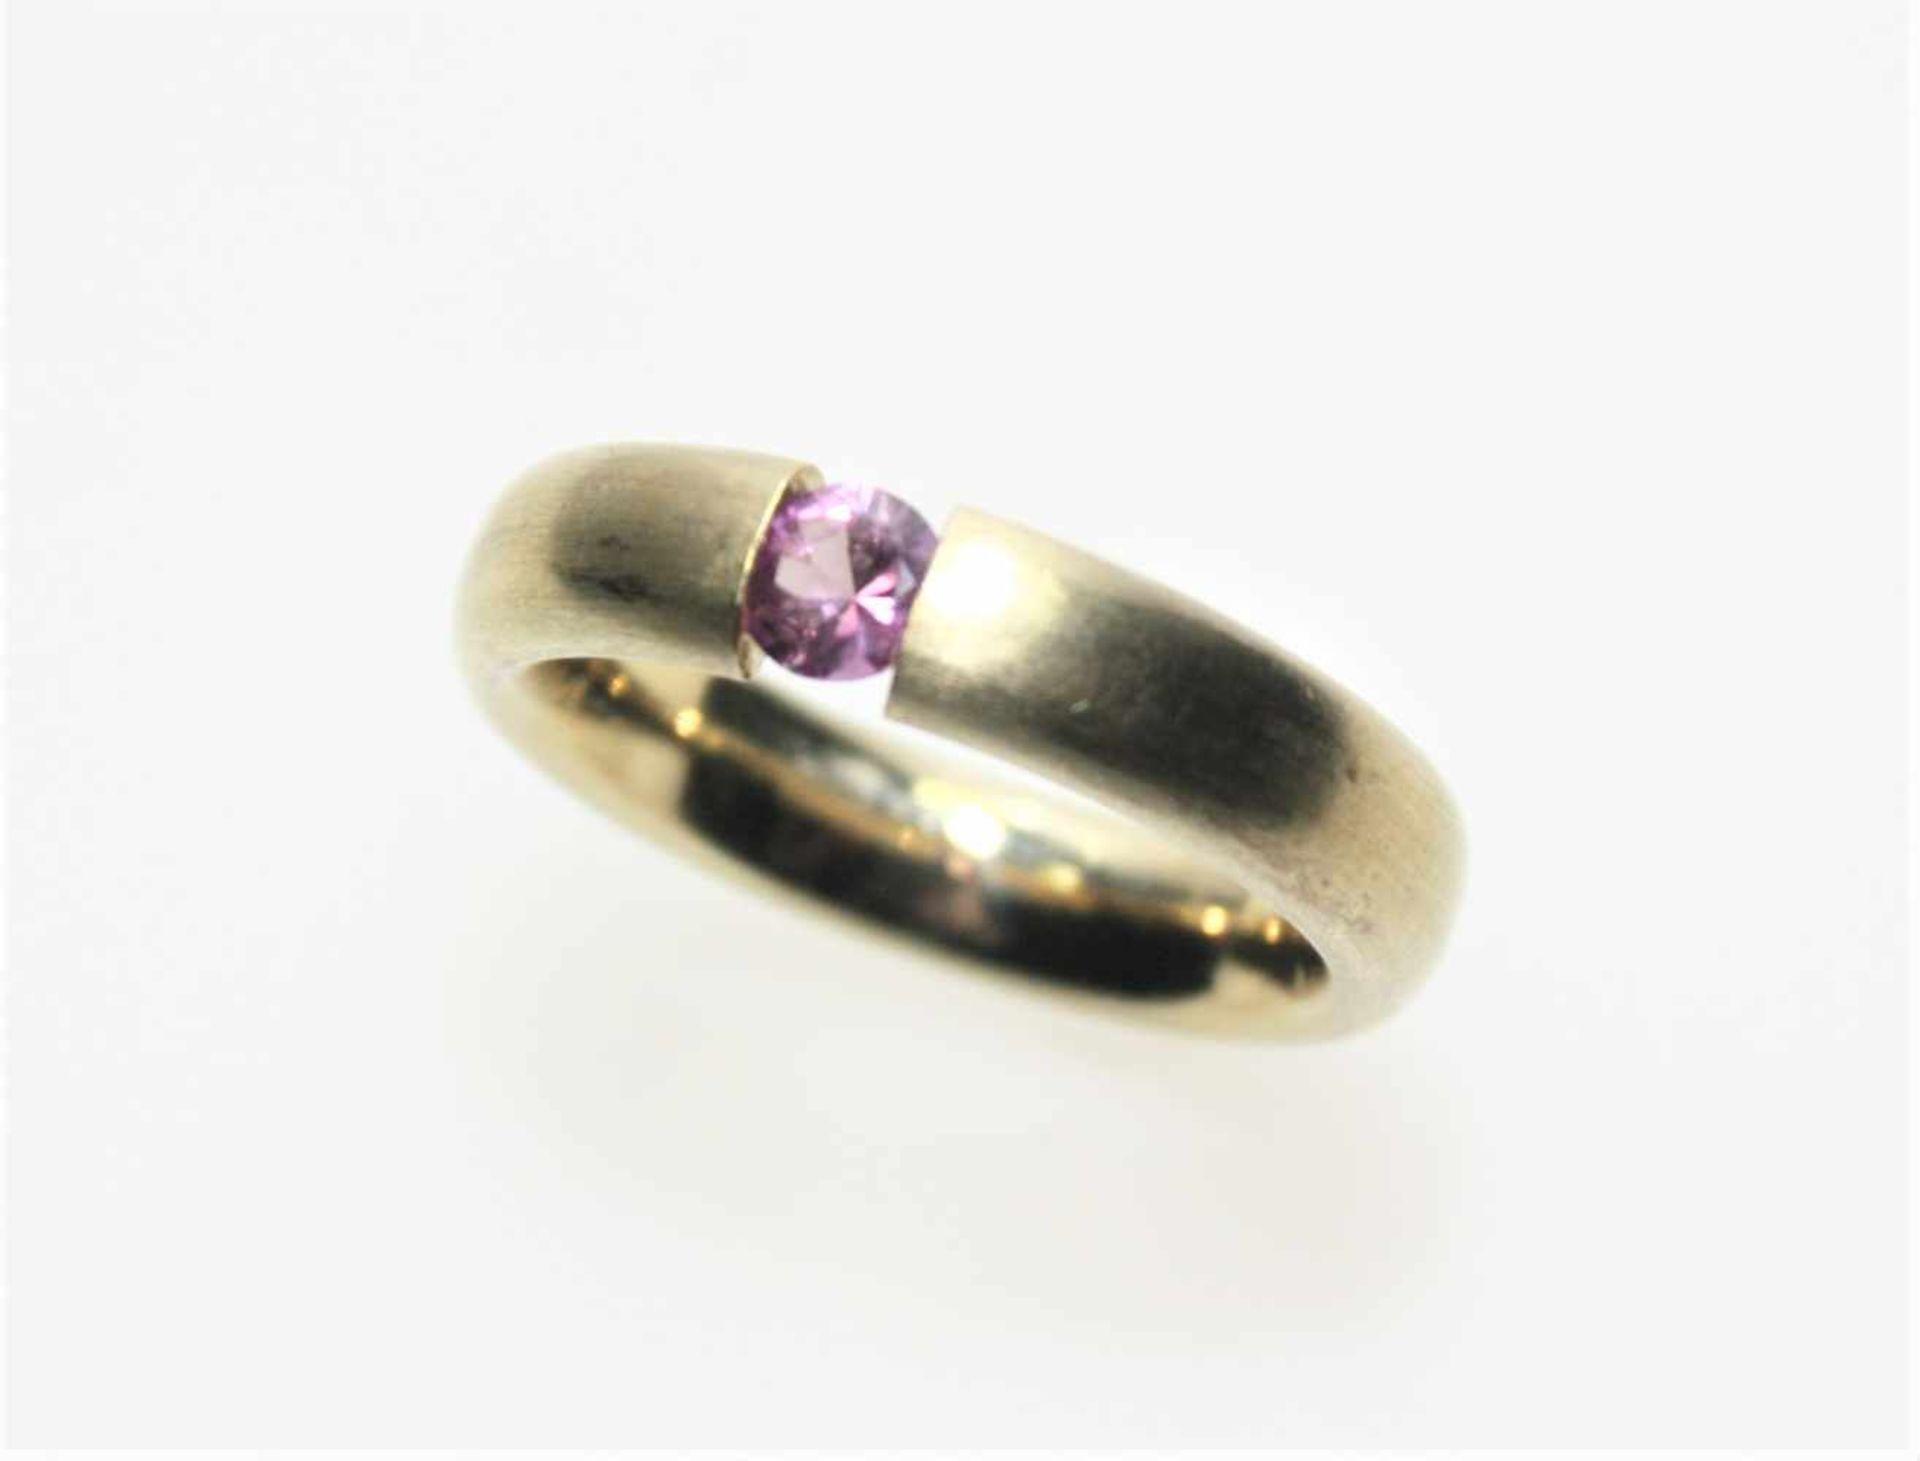 Goldener Spannring 585/f gest., mattiert, mit einem kleinen, runden rosa Stein, vermutlich pink